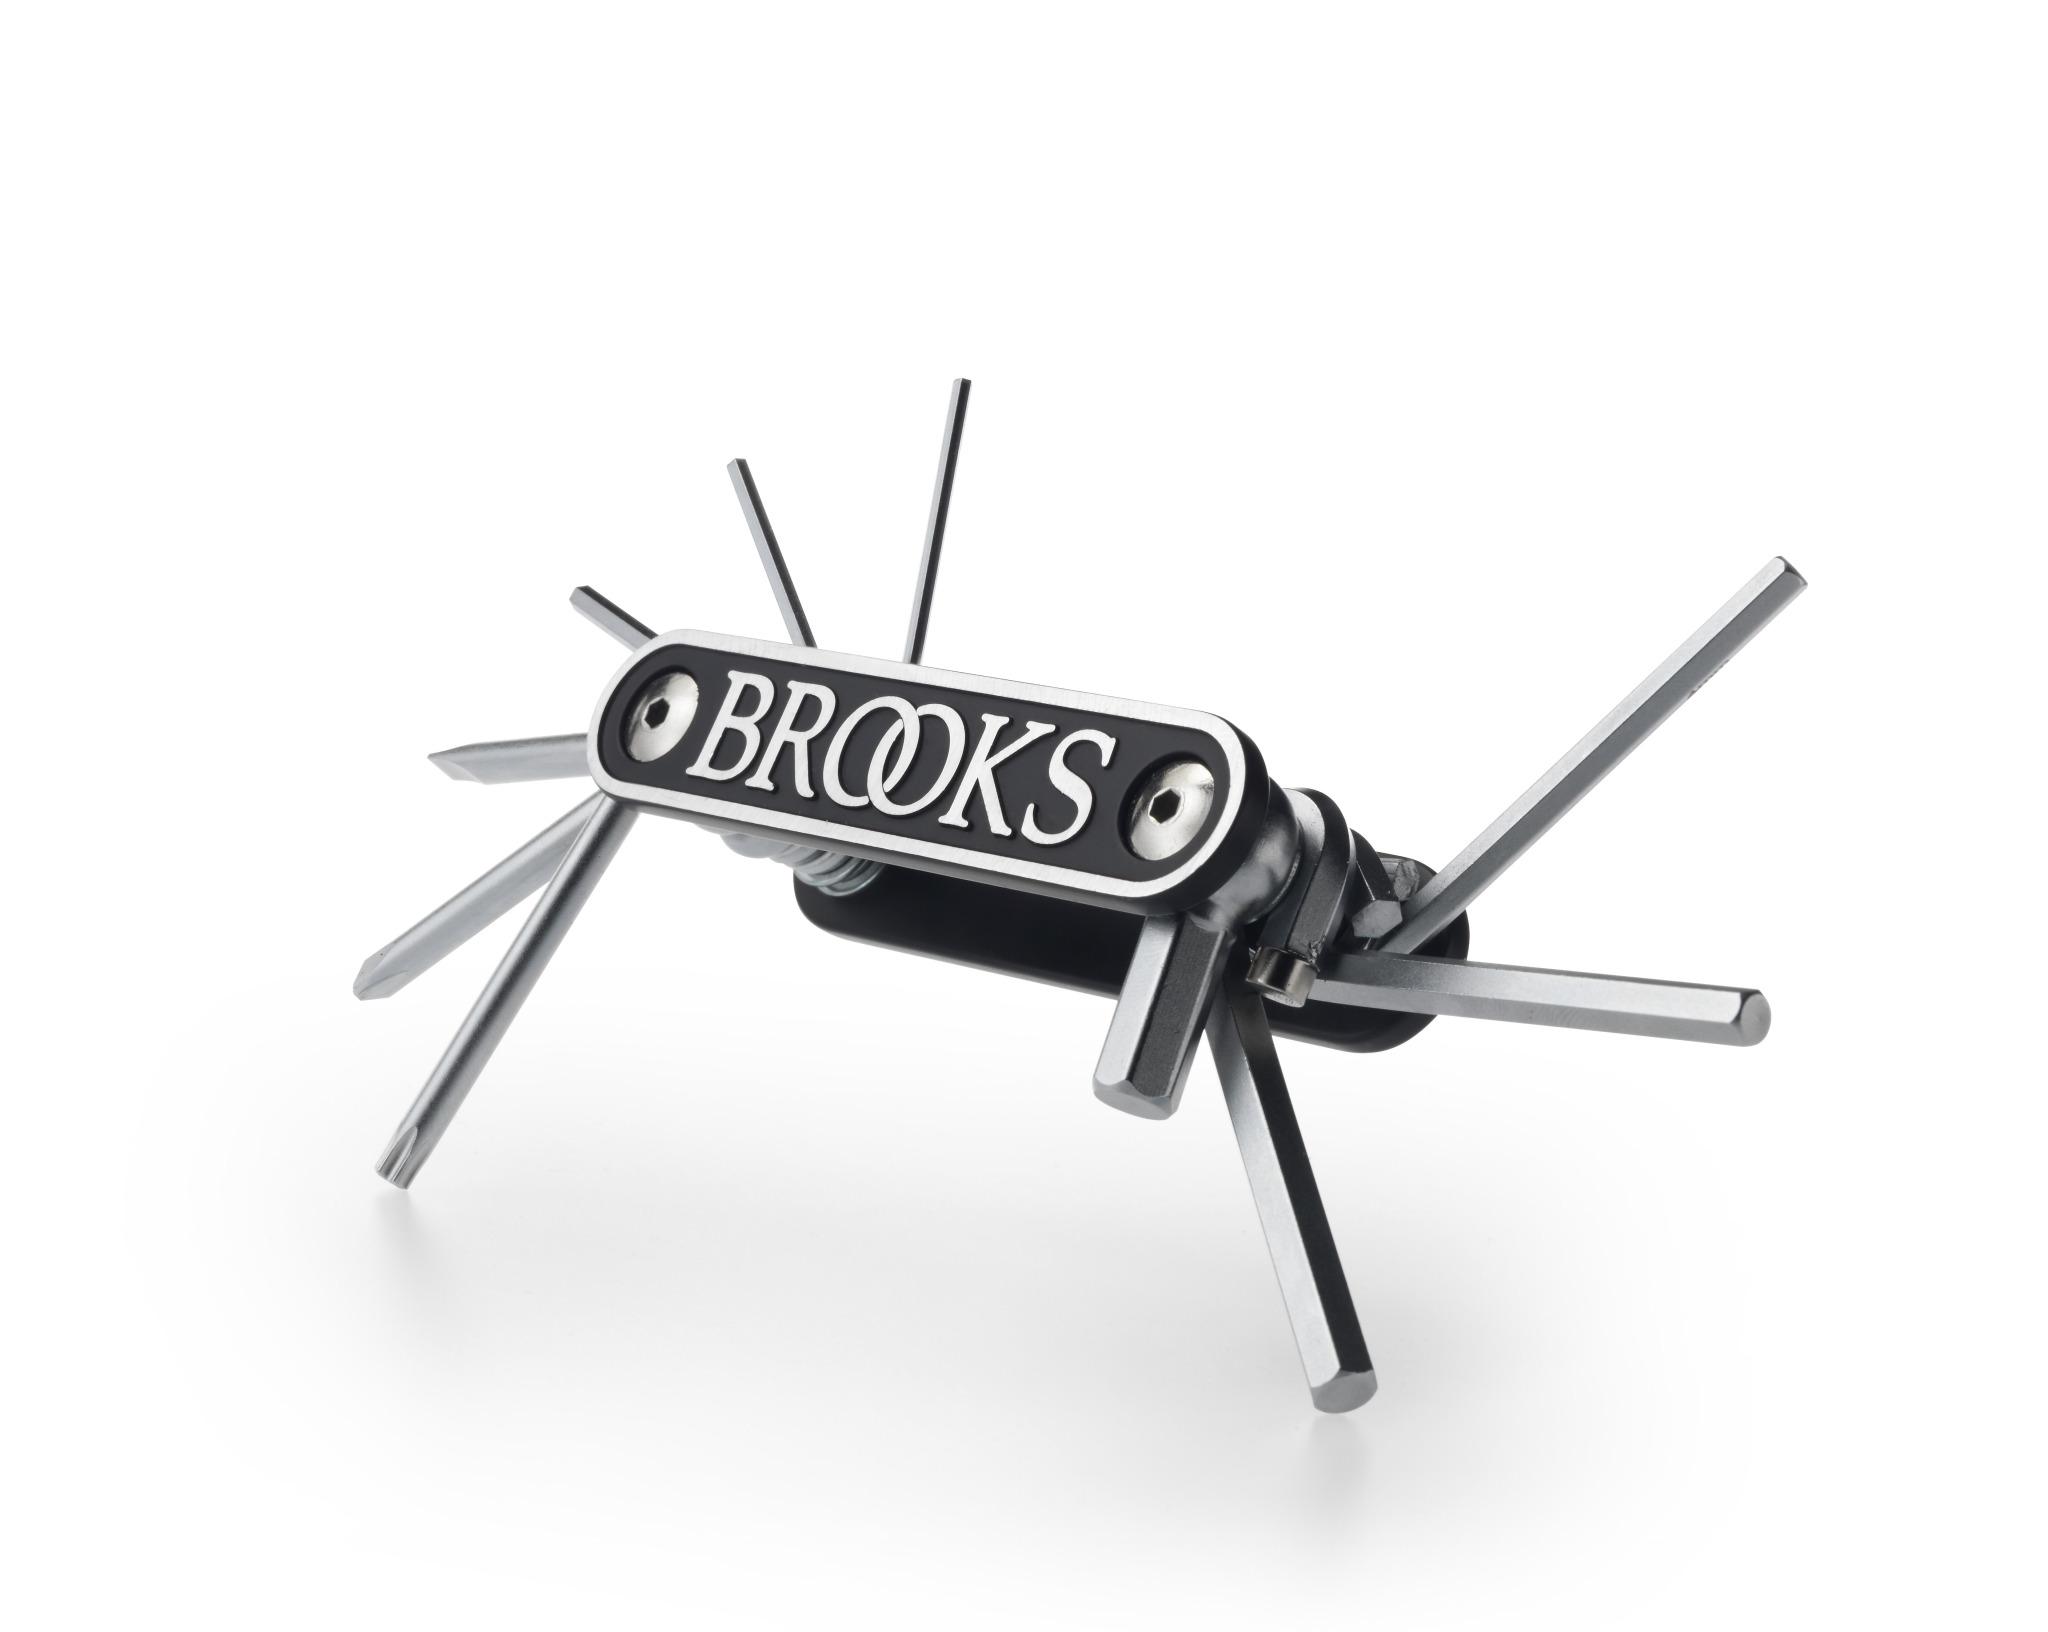 Jogo de ferramentas Brooks